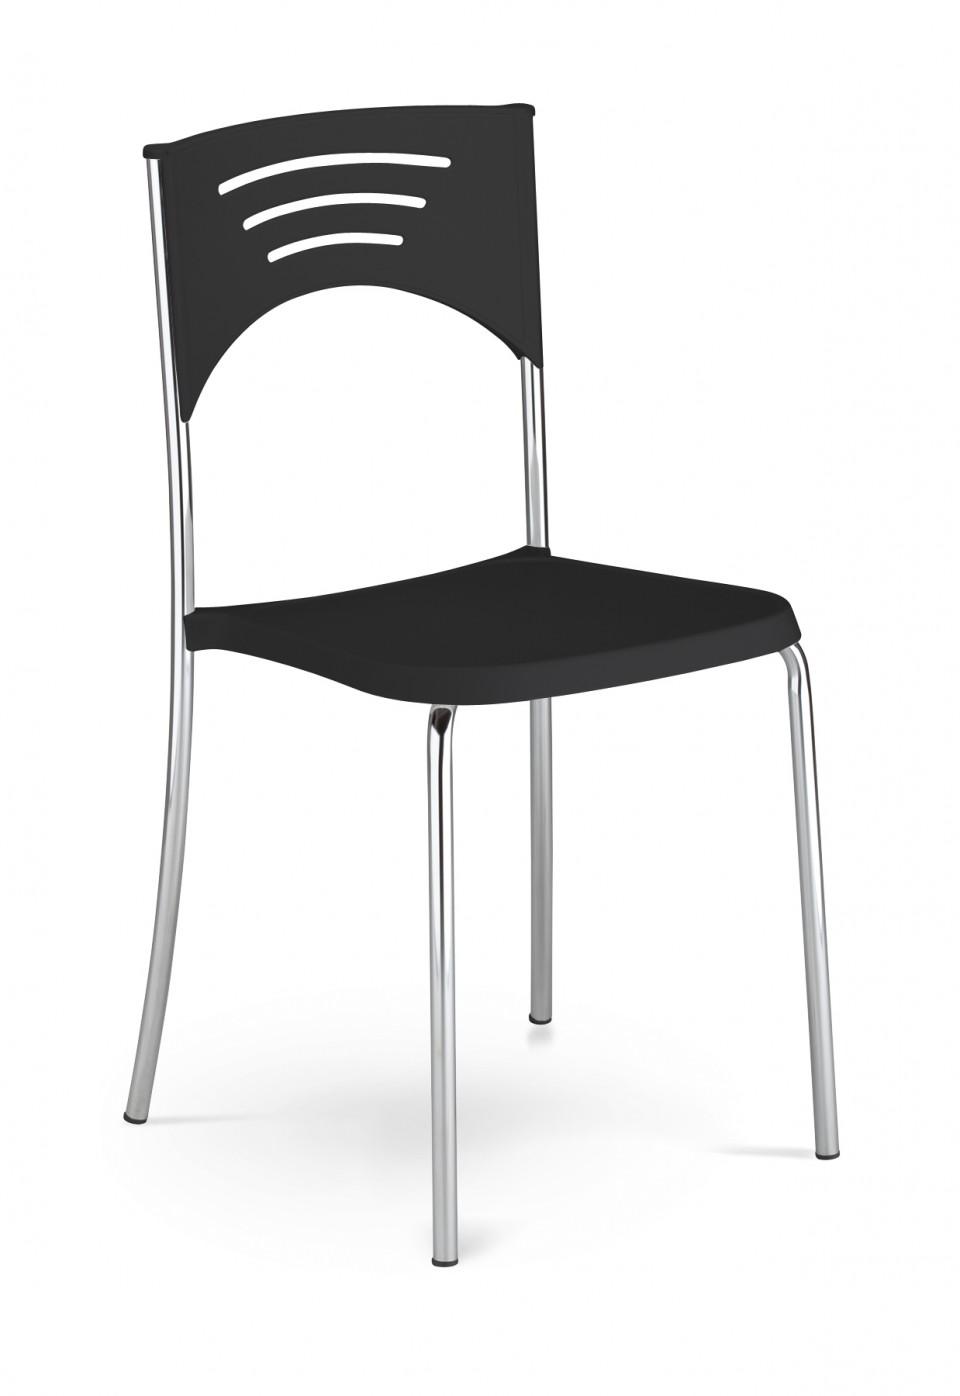 chaise de collectivit lily achat chaise pour collectivite votre mobilier collectivite 56 00. Black Bedroom Furniture Sets. Home Design Ideas